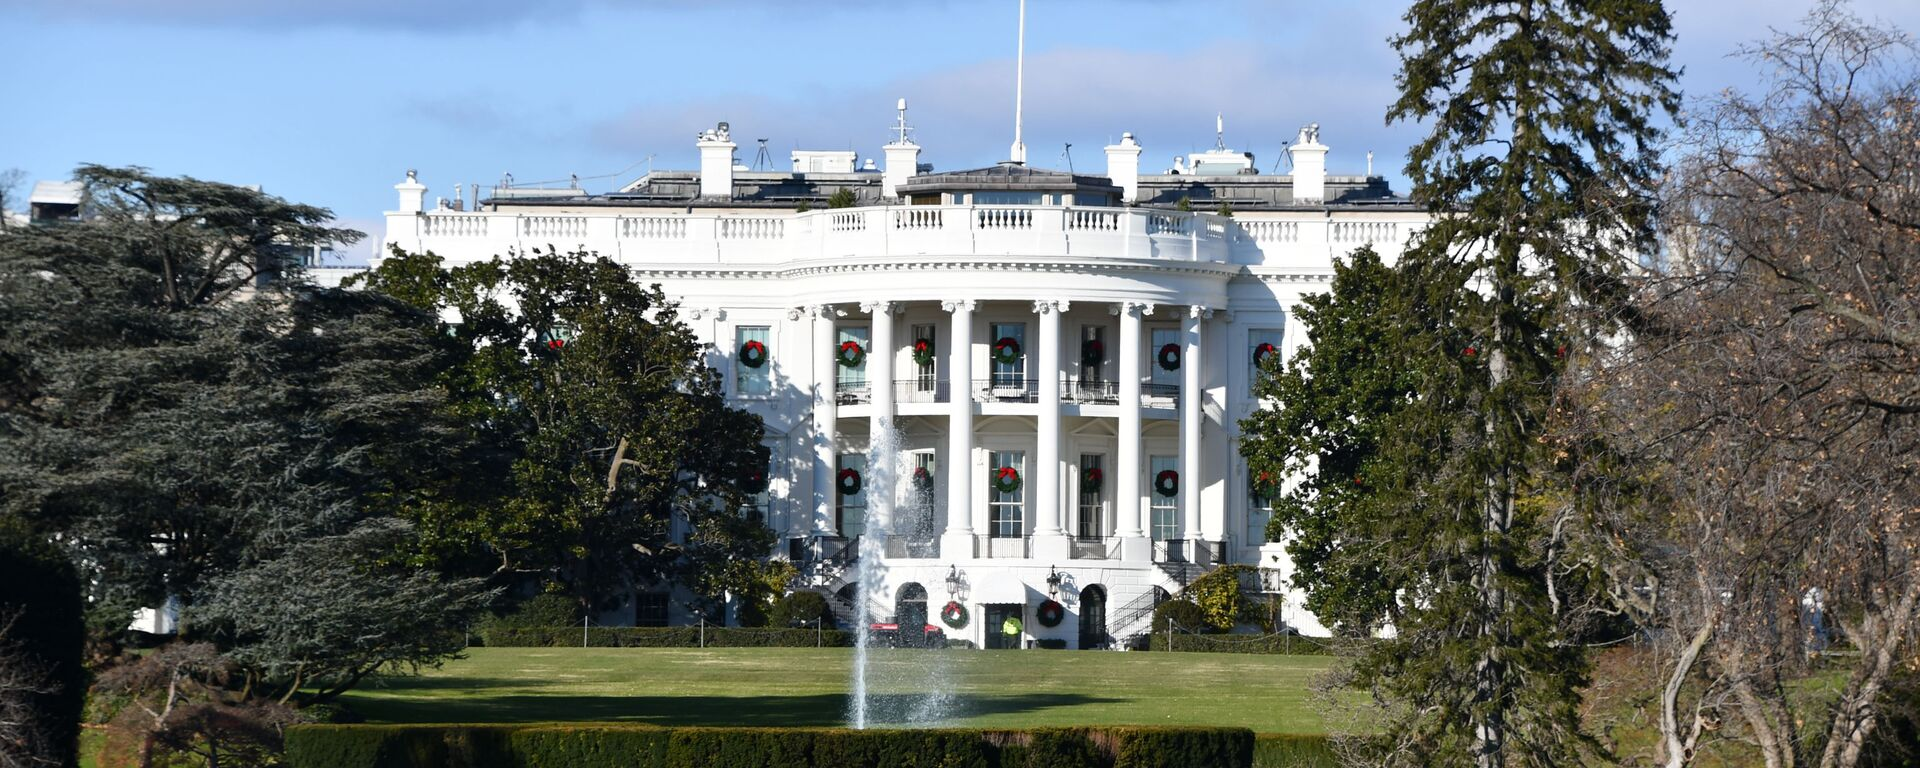 Bílý dům ve Washingtonu - Sputnik Česká republika, 1920, 20.06.2021